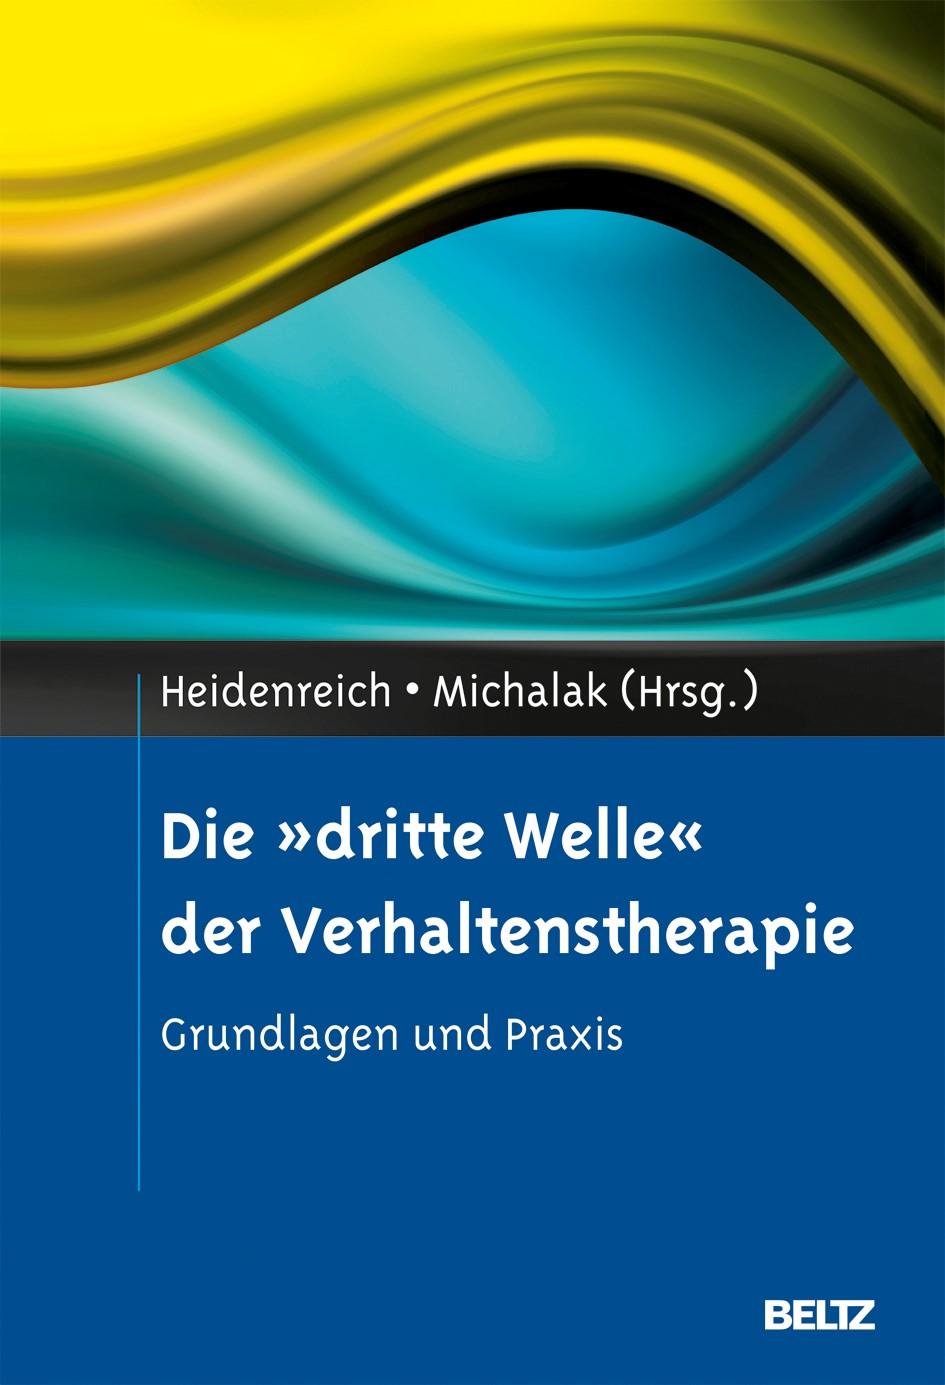 Abbildung von Heidenreich / Michalak   Die »dritte Welle« der Verhaltenstherapie   Originalausgabe   2013